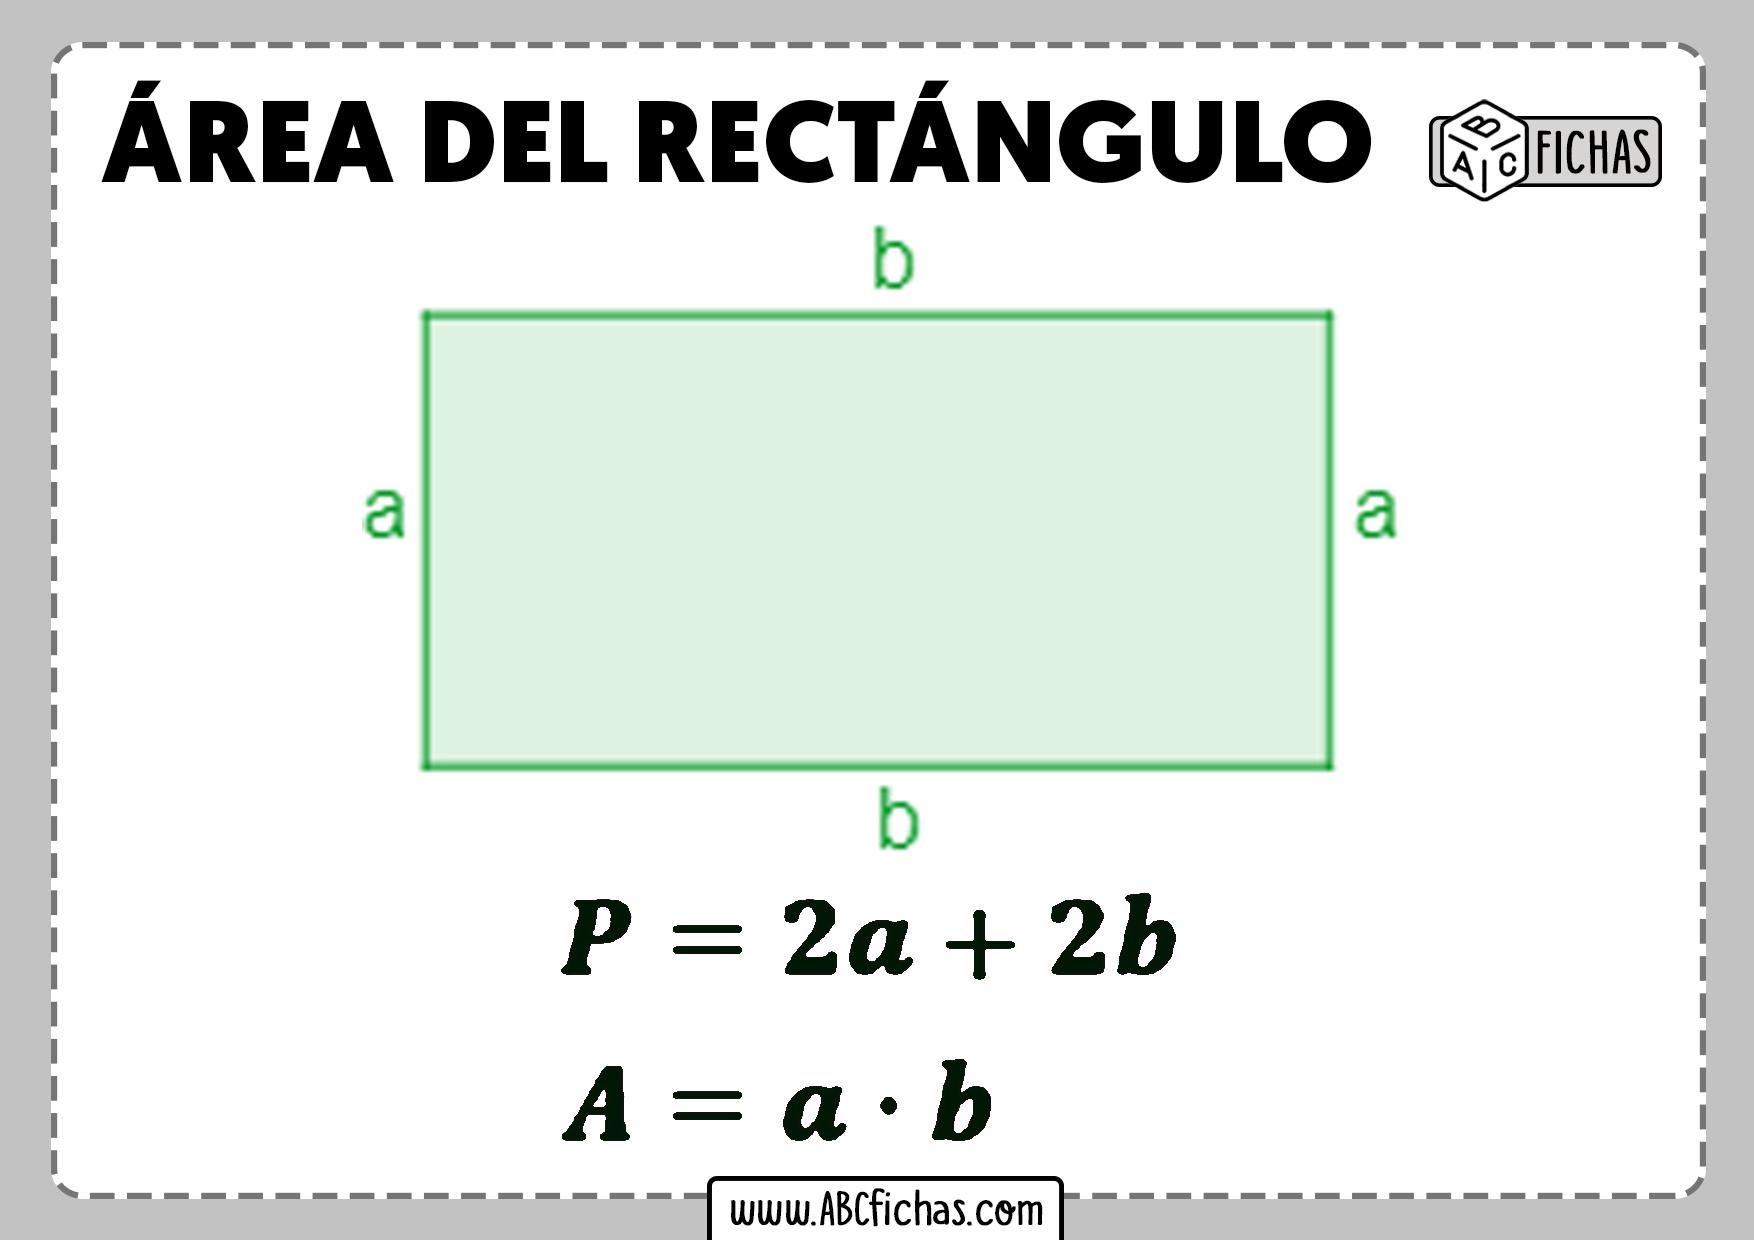 Area del rectangulo